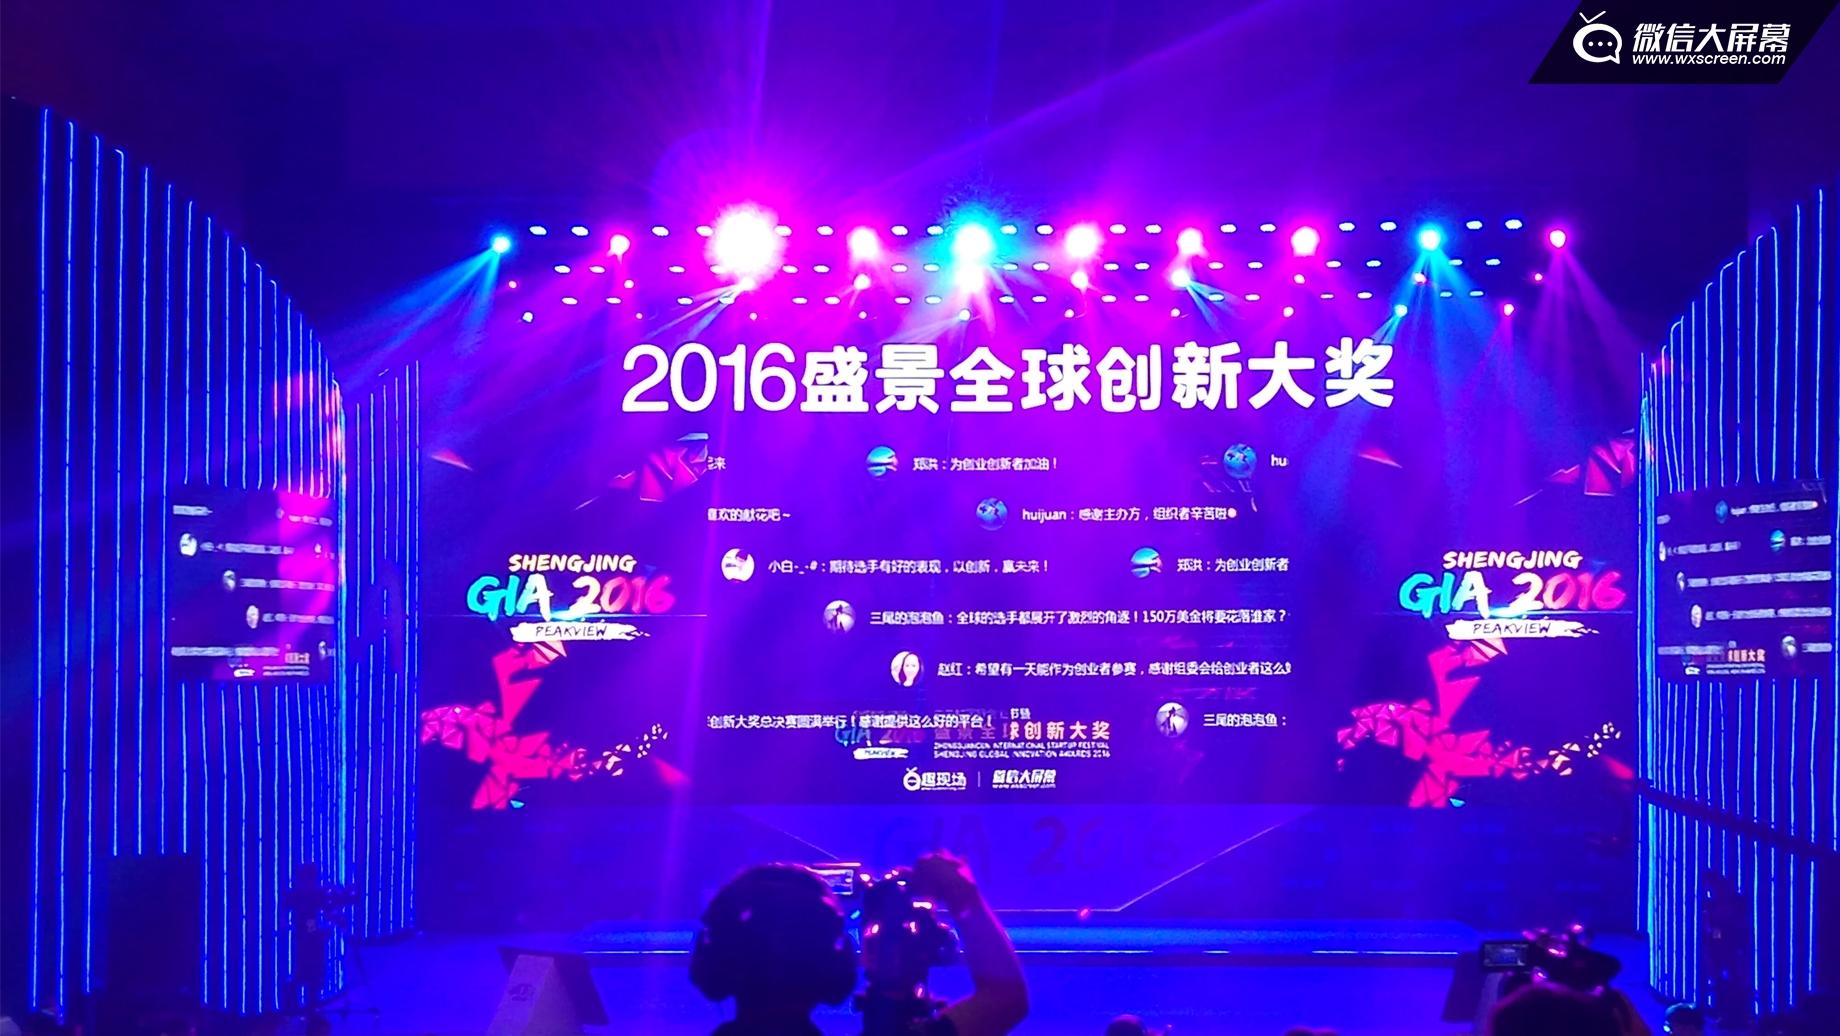 2016盛景全球创新大奖全球总决赛 趣现场给力互动